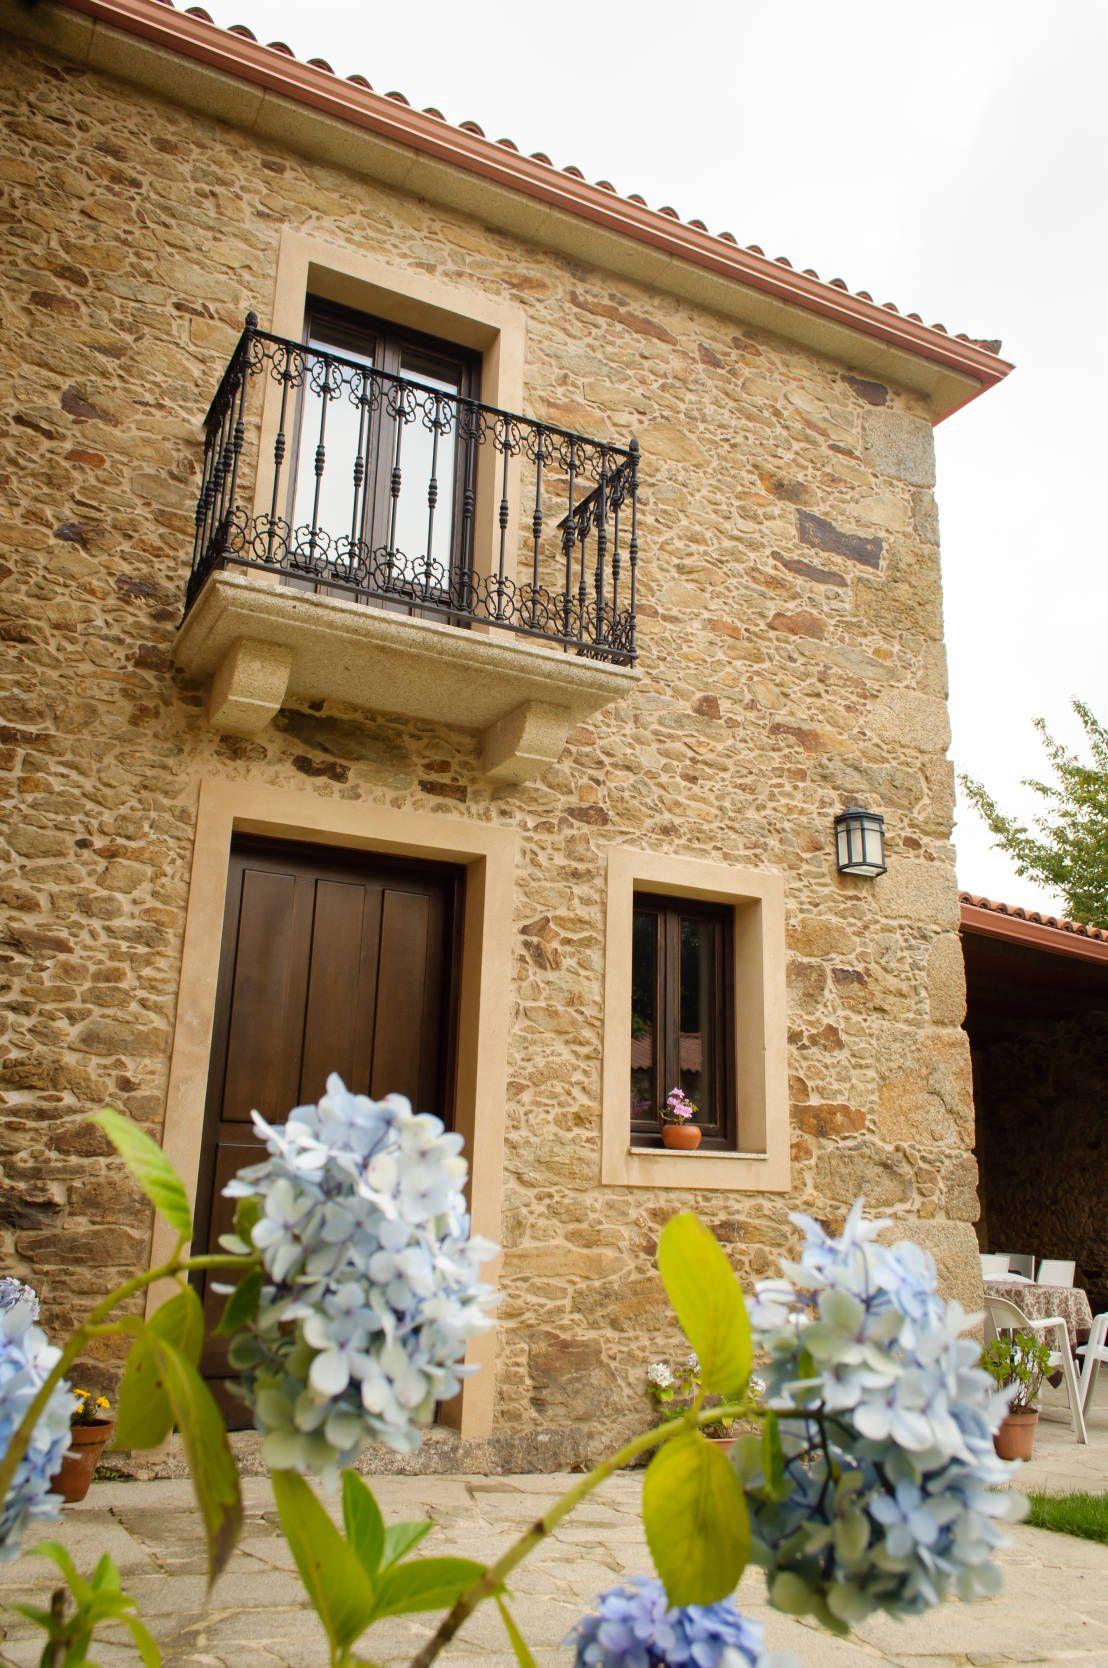 Fachadas mexicanas vista exterior de c mo se ver a su hogar for Fachadas de casas modernas en italia